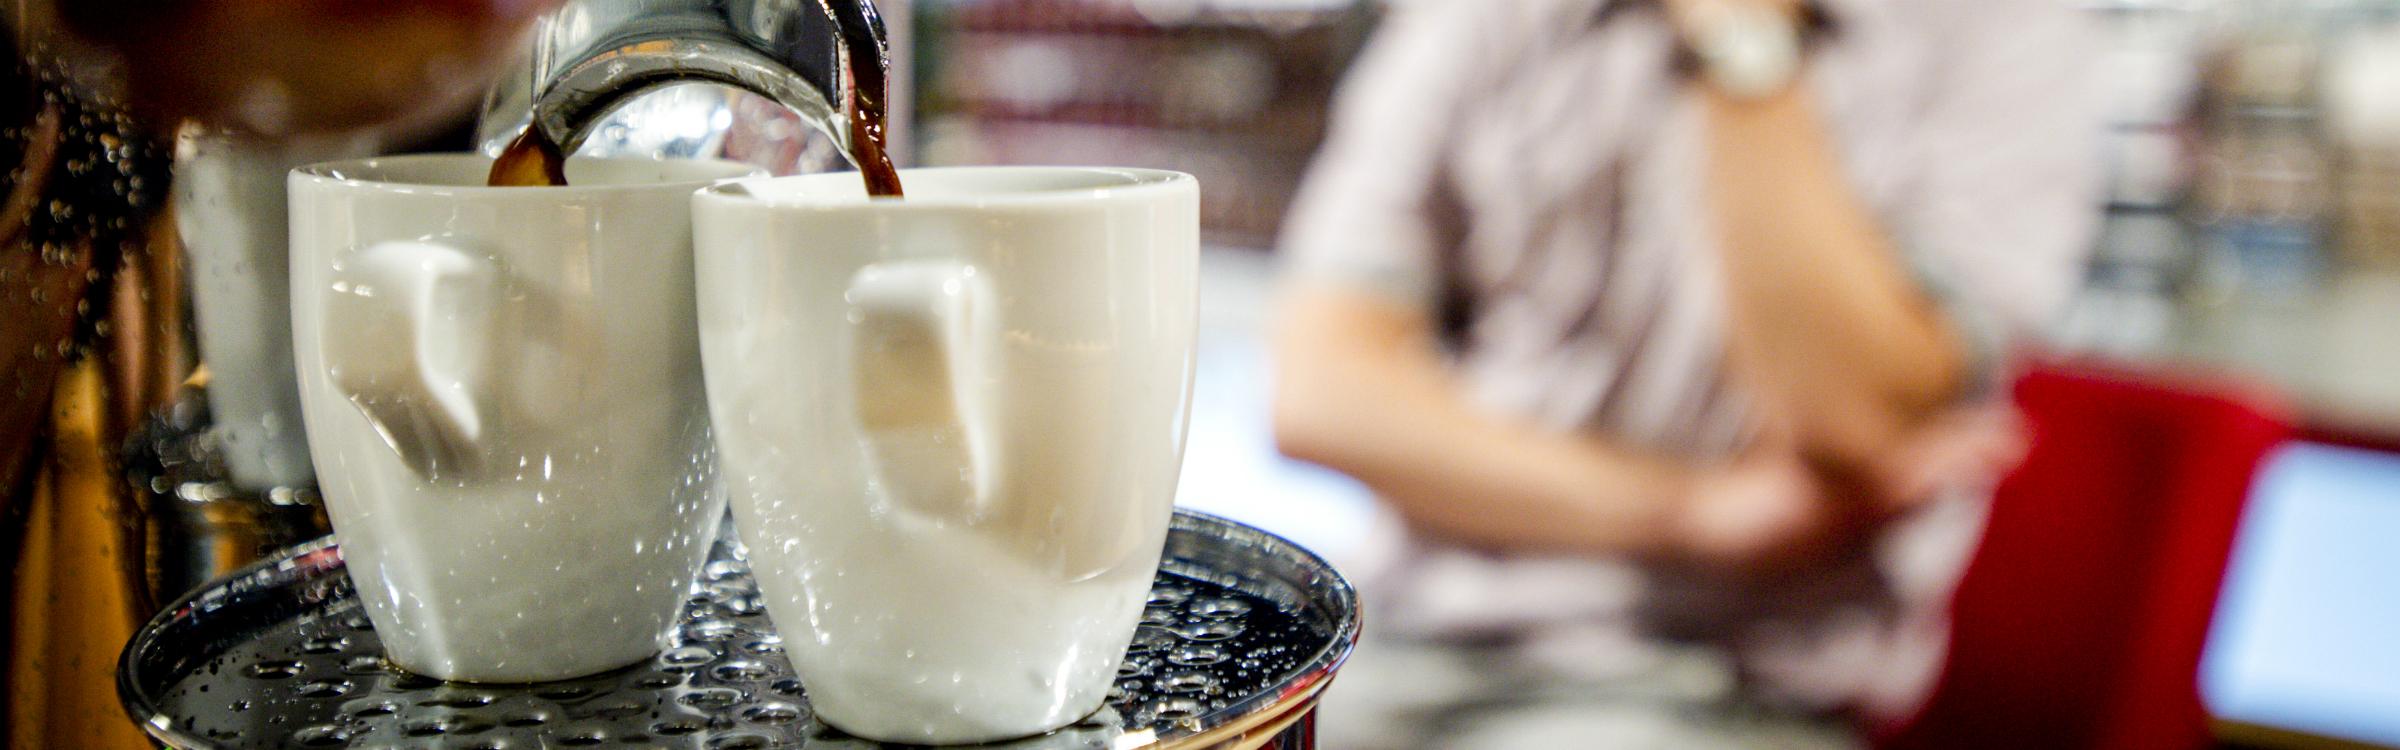 Koffie anp